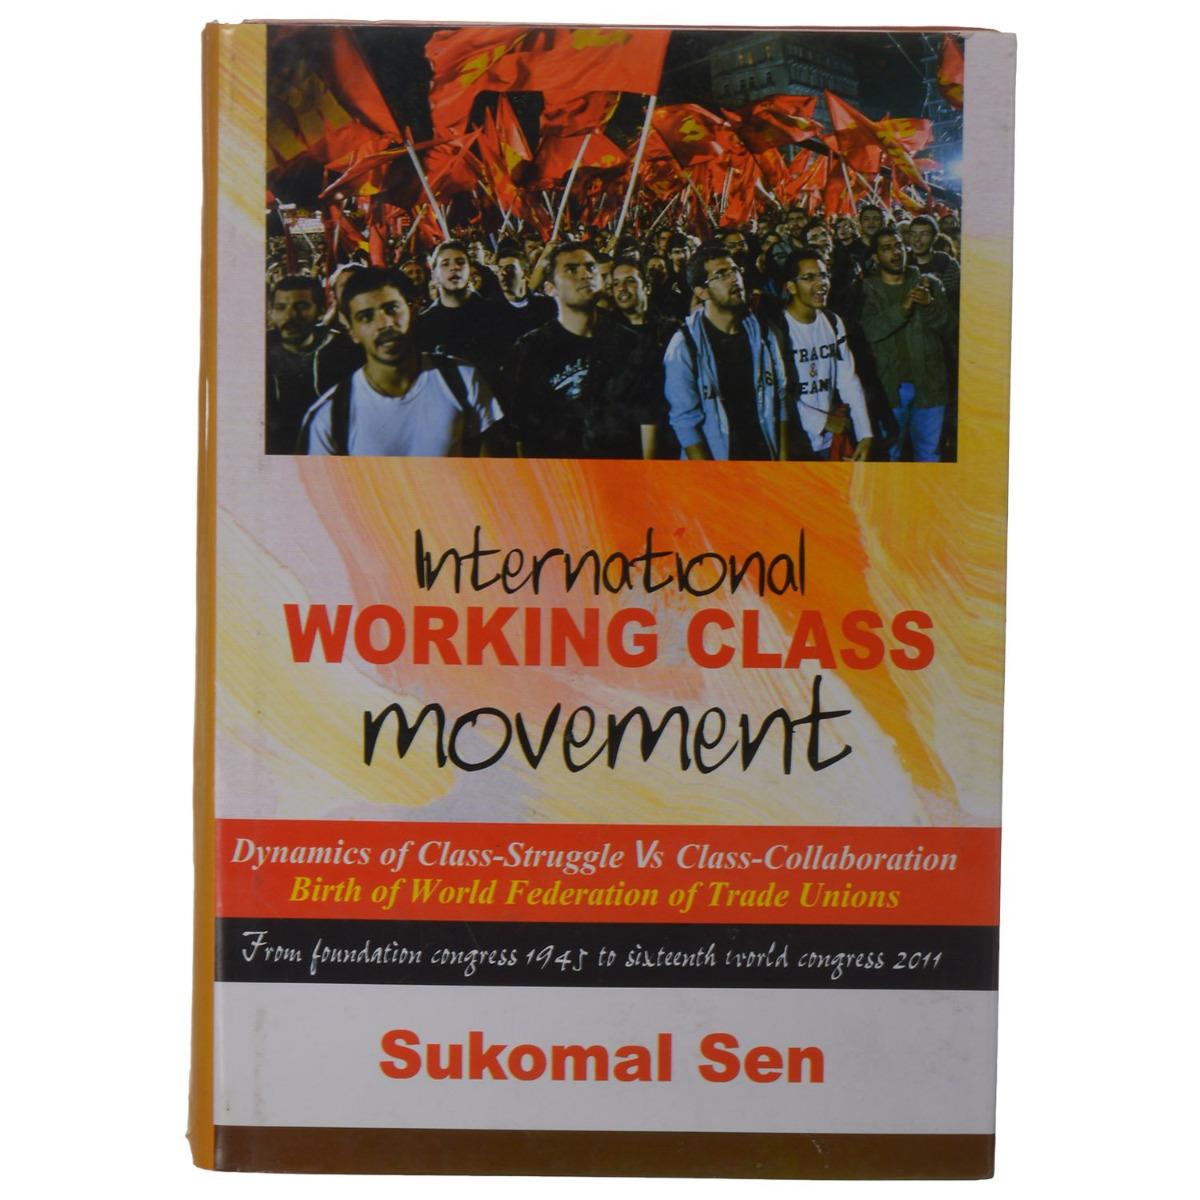 International Working Class Movement